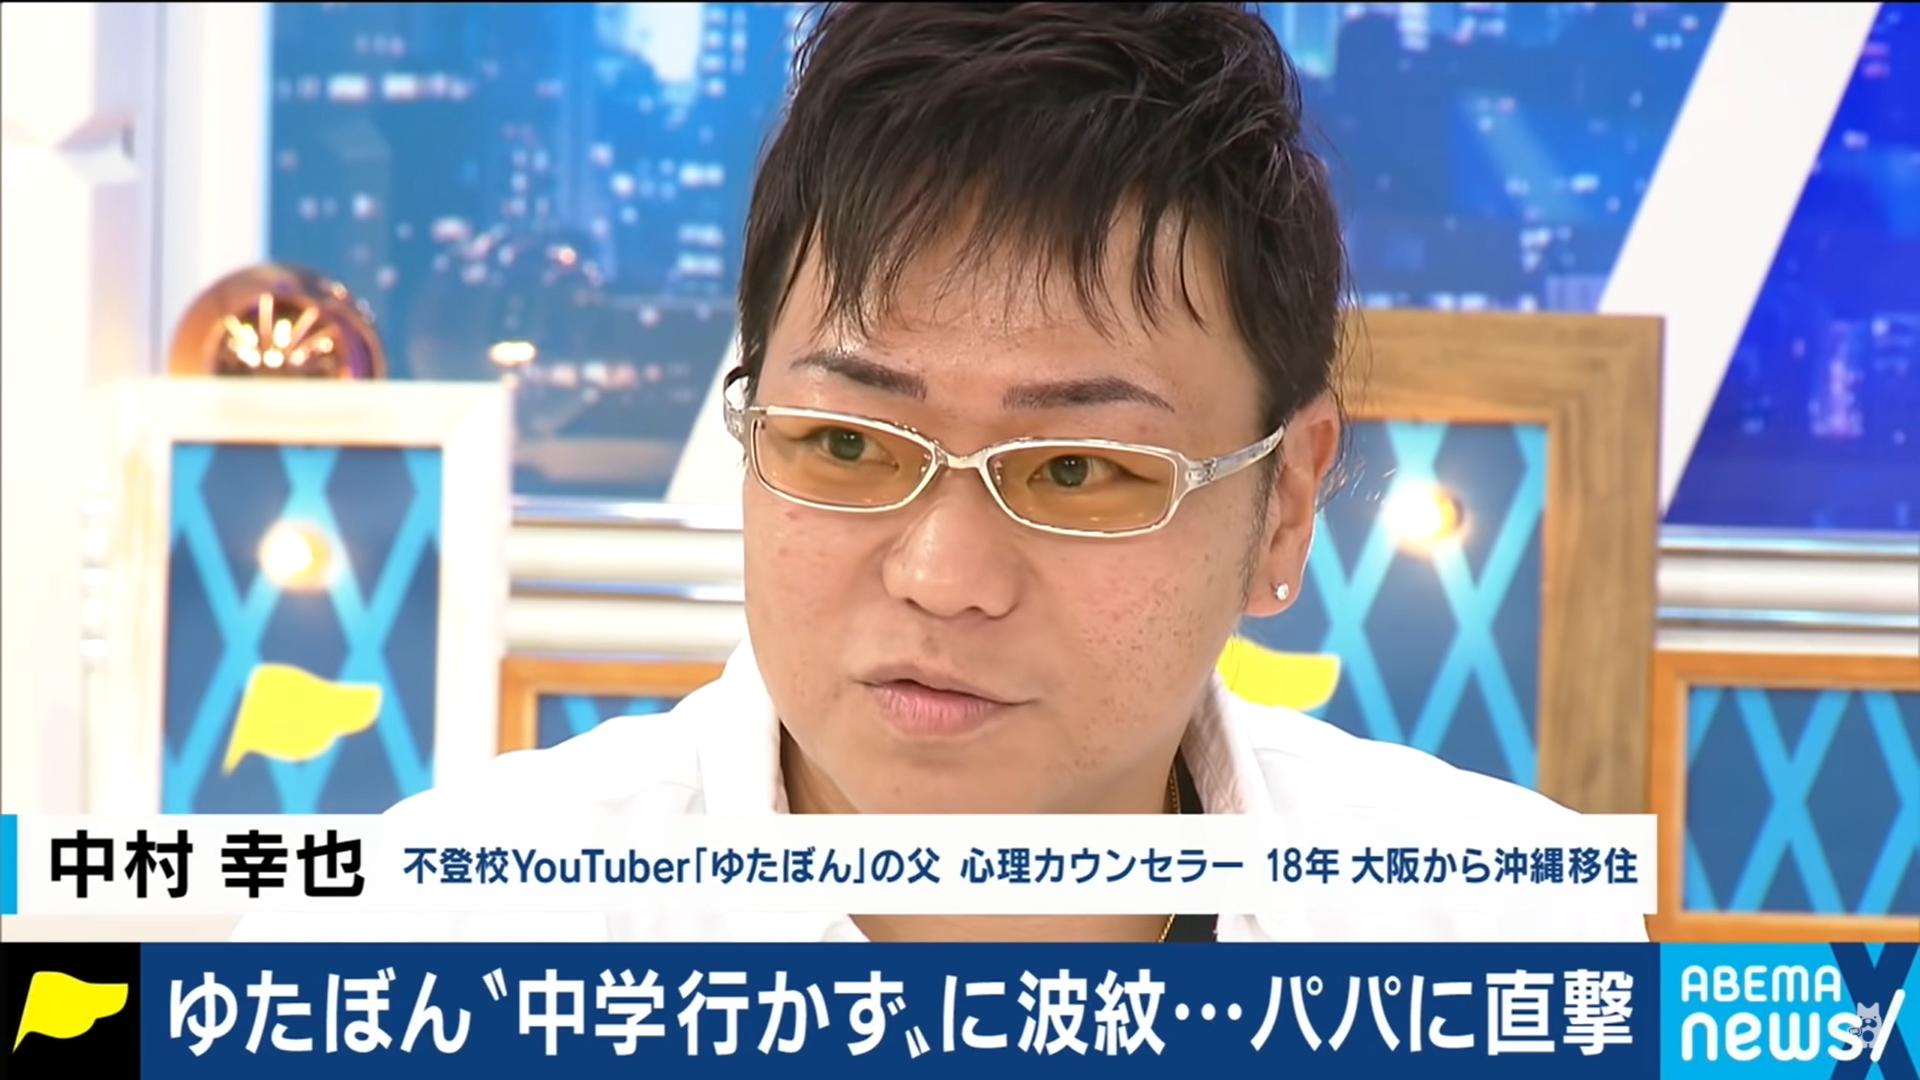 【NHK党】大人の売名に子供を巻き込むな【ゆたぼん】